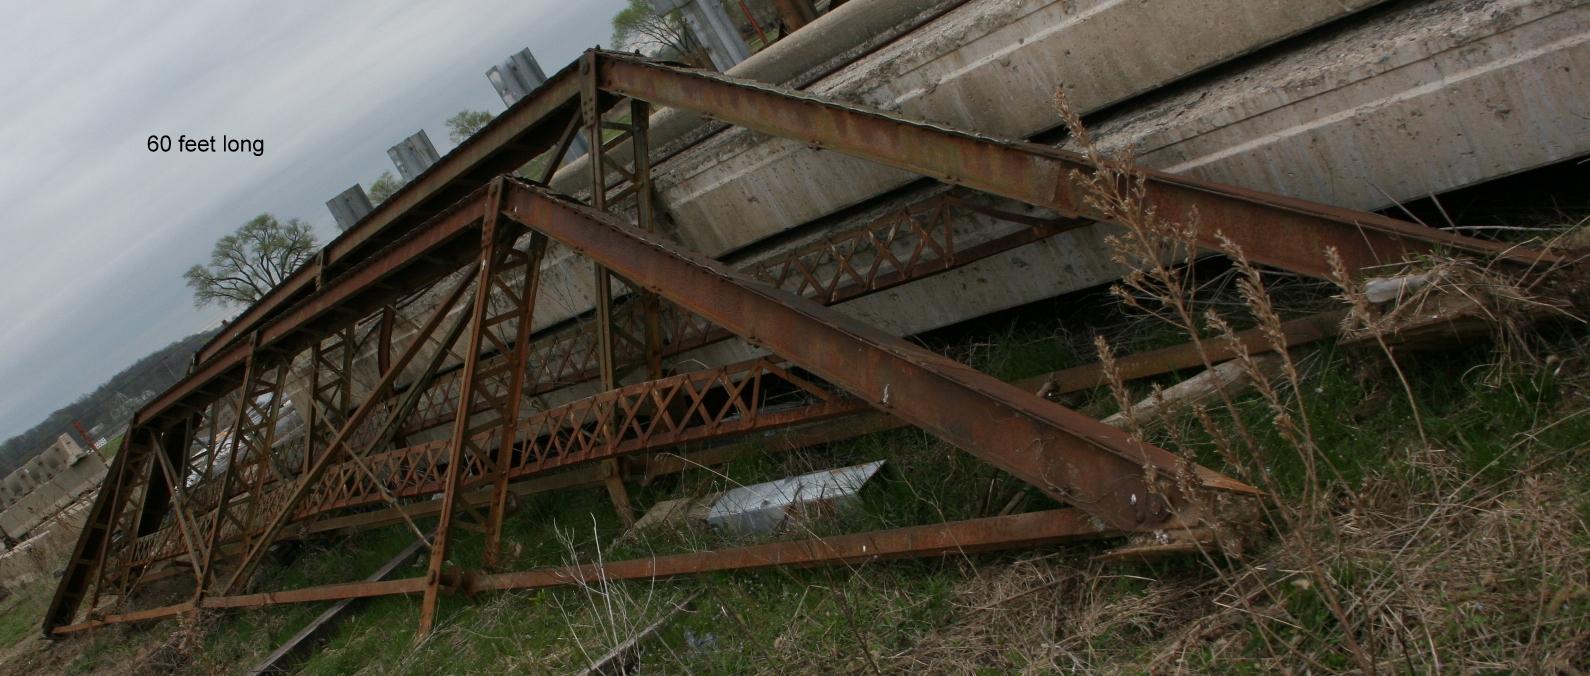 Truss Bridges For Sale – CLR Construction